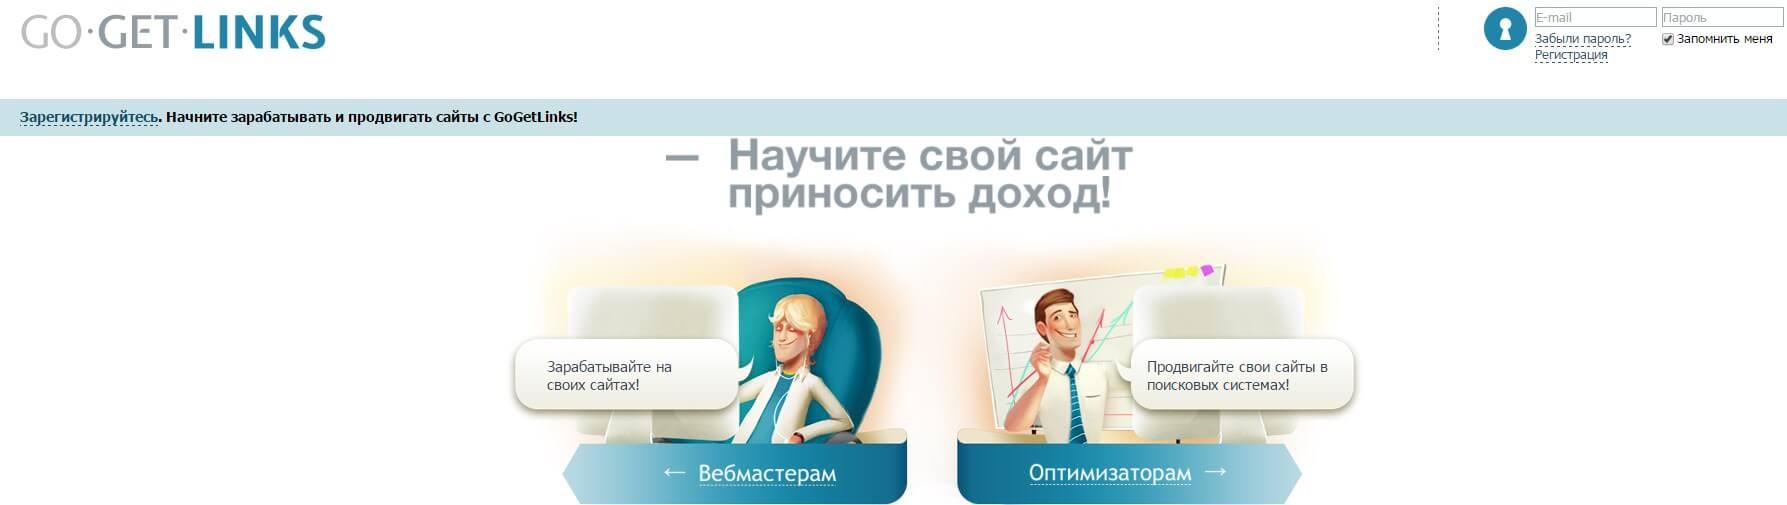 GoGetLinks.net закупка ссылок